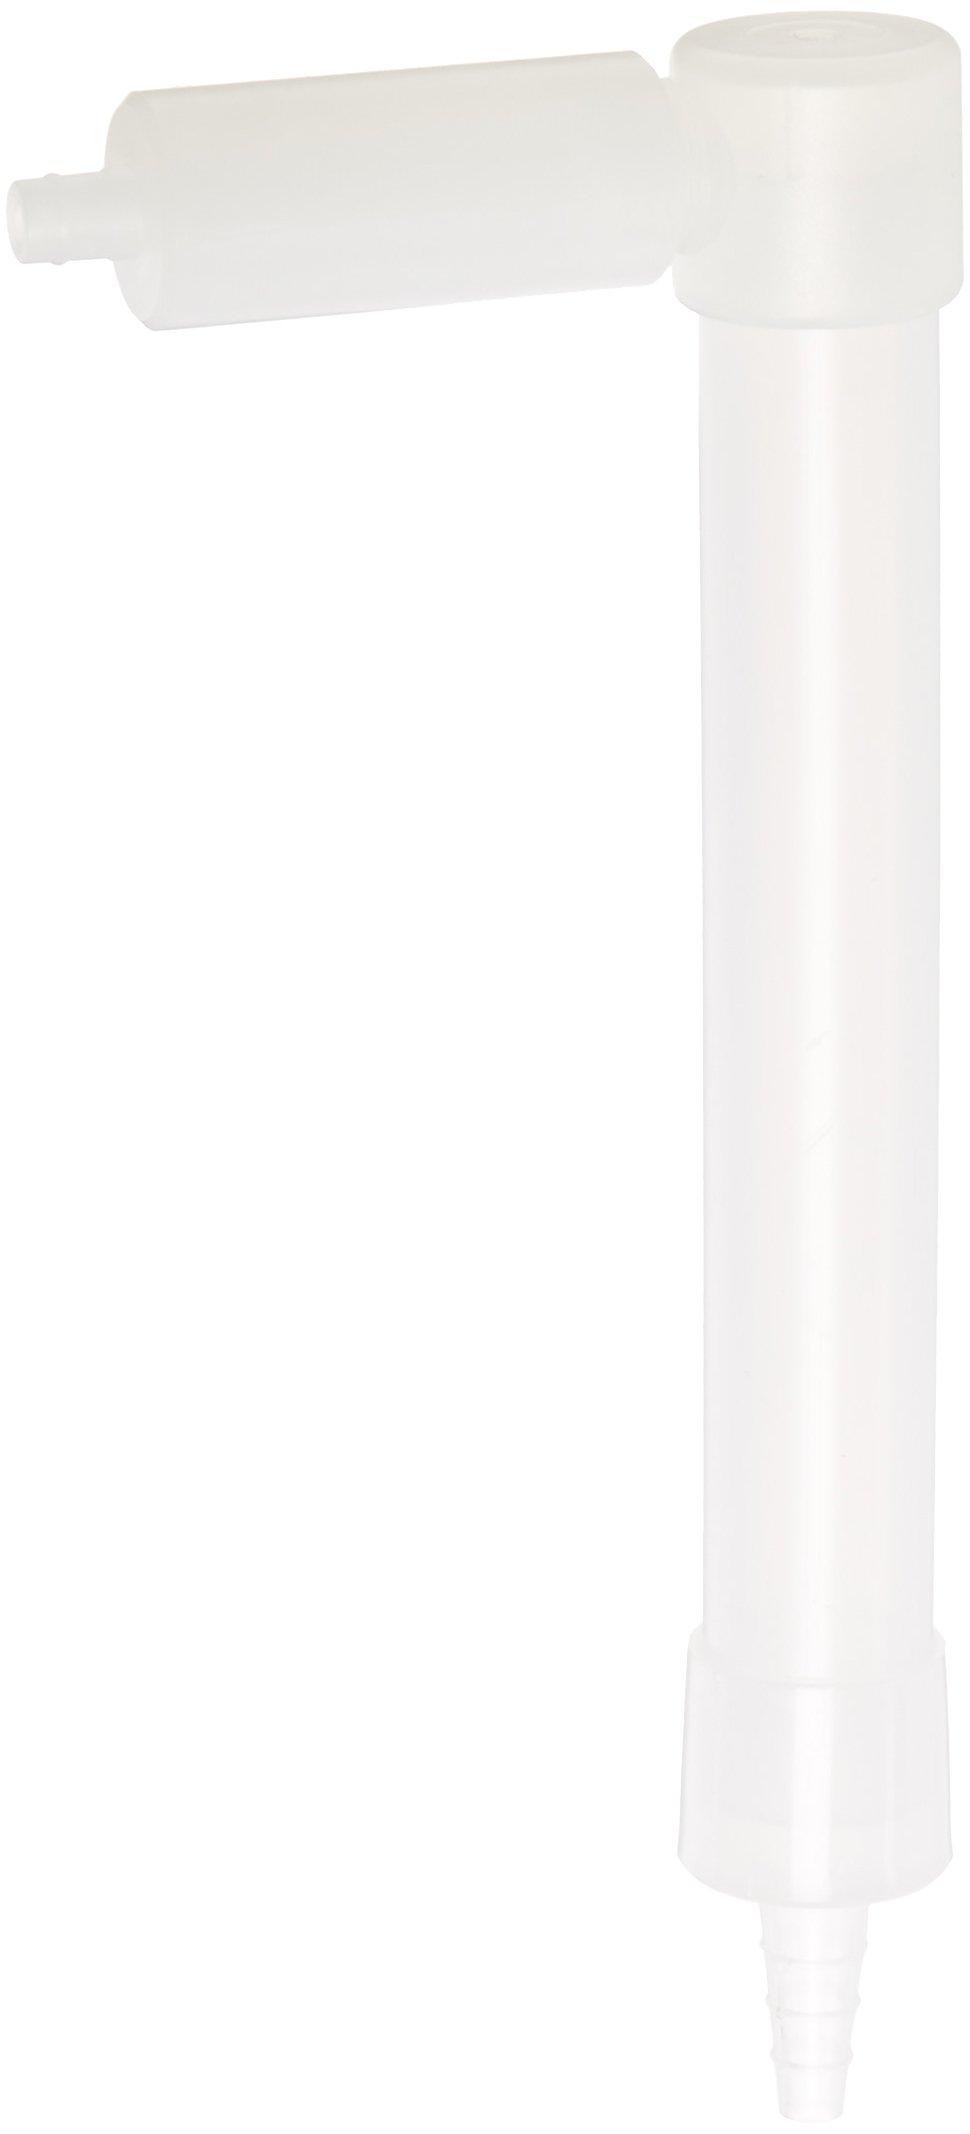 Metrohm Drying Tube for Brinkmann Bottletop Dispensers